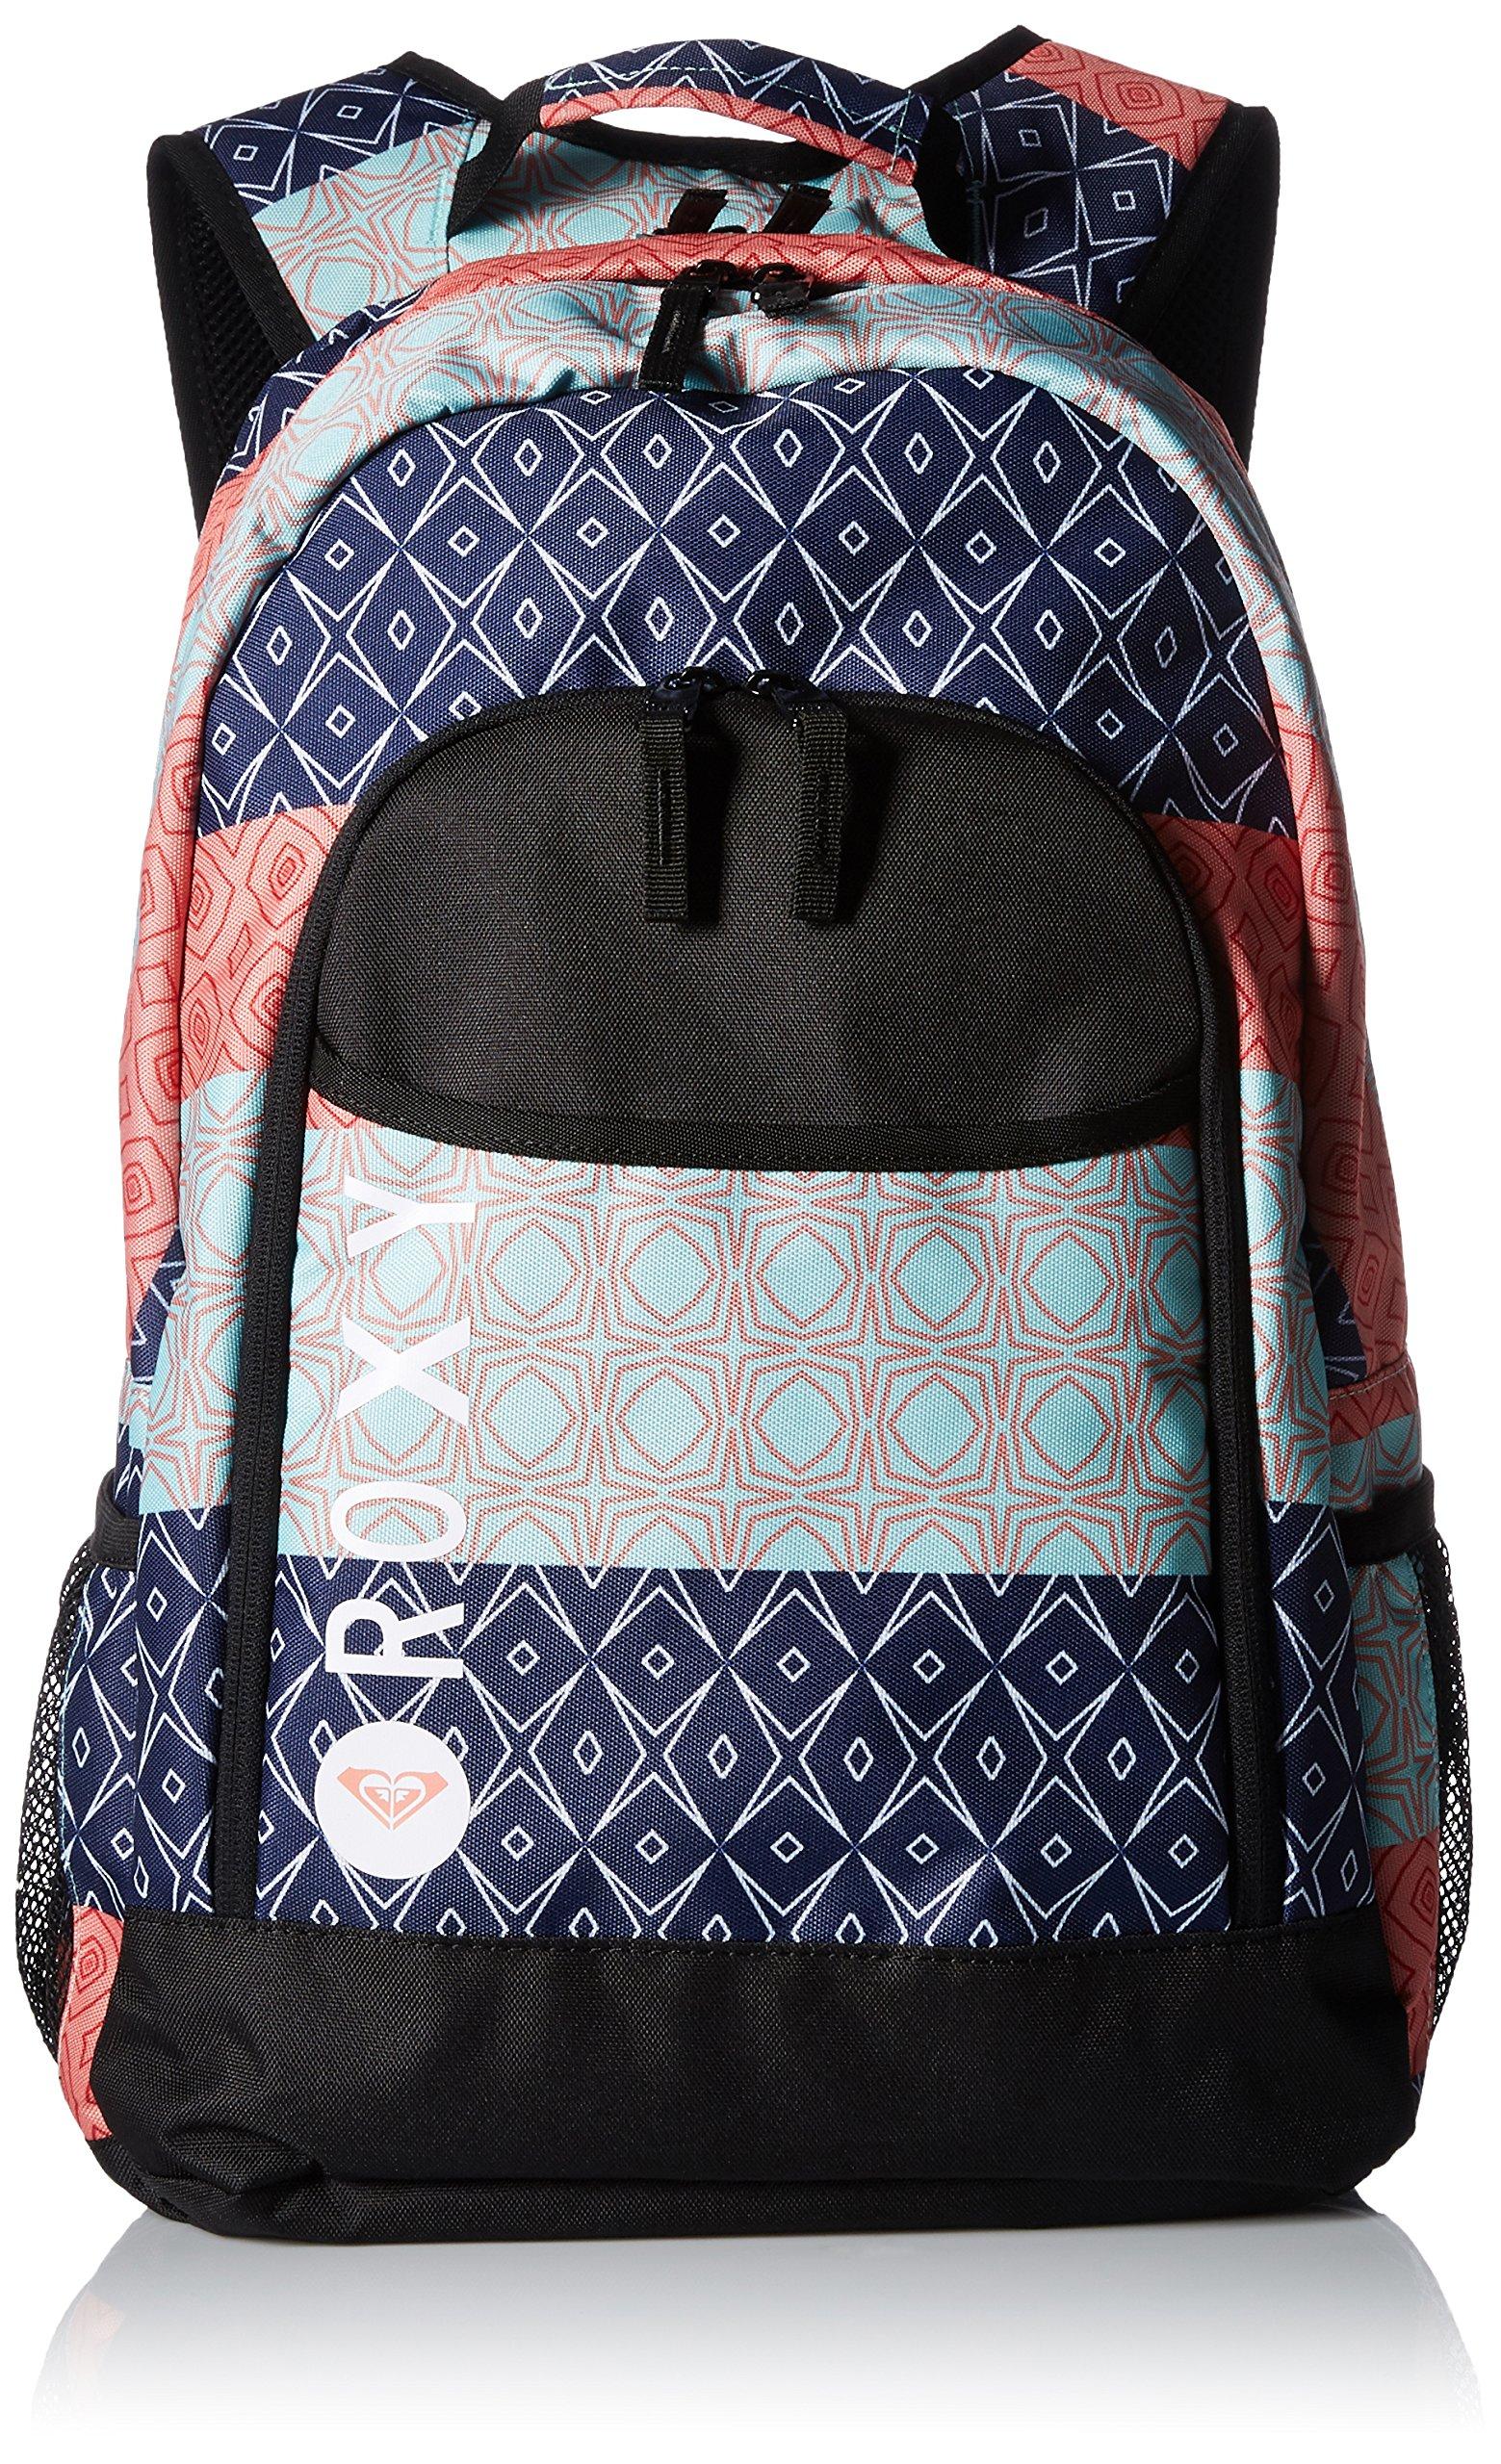 Roxy Women's Cool Breeze Backpack, Peacoat Simple Stripe